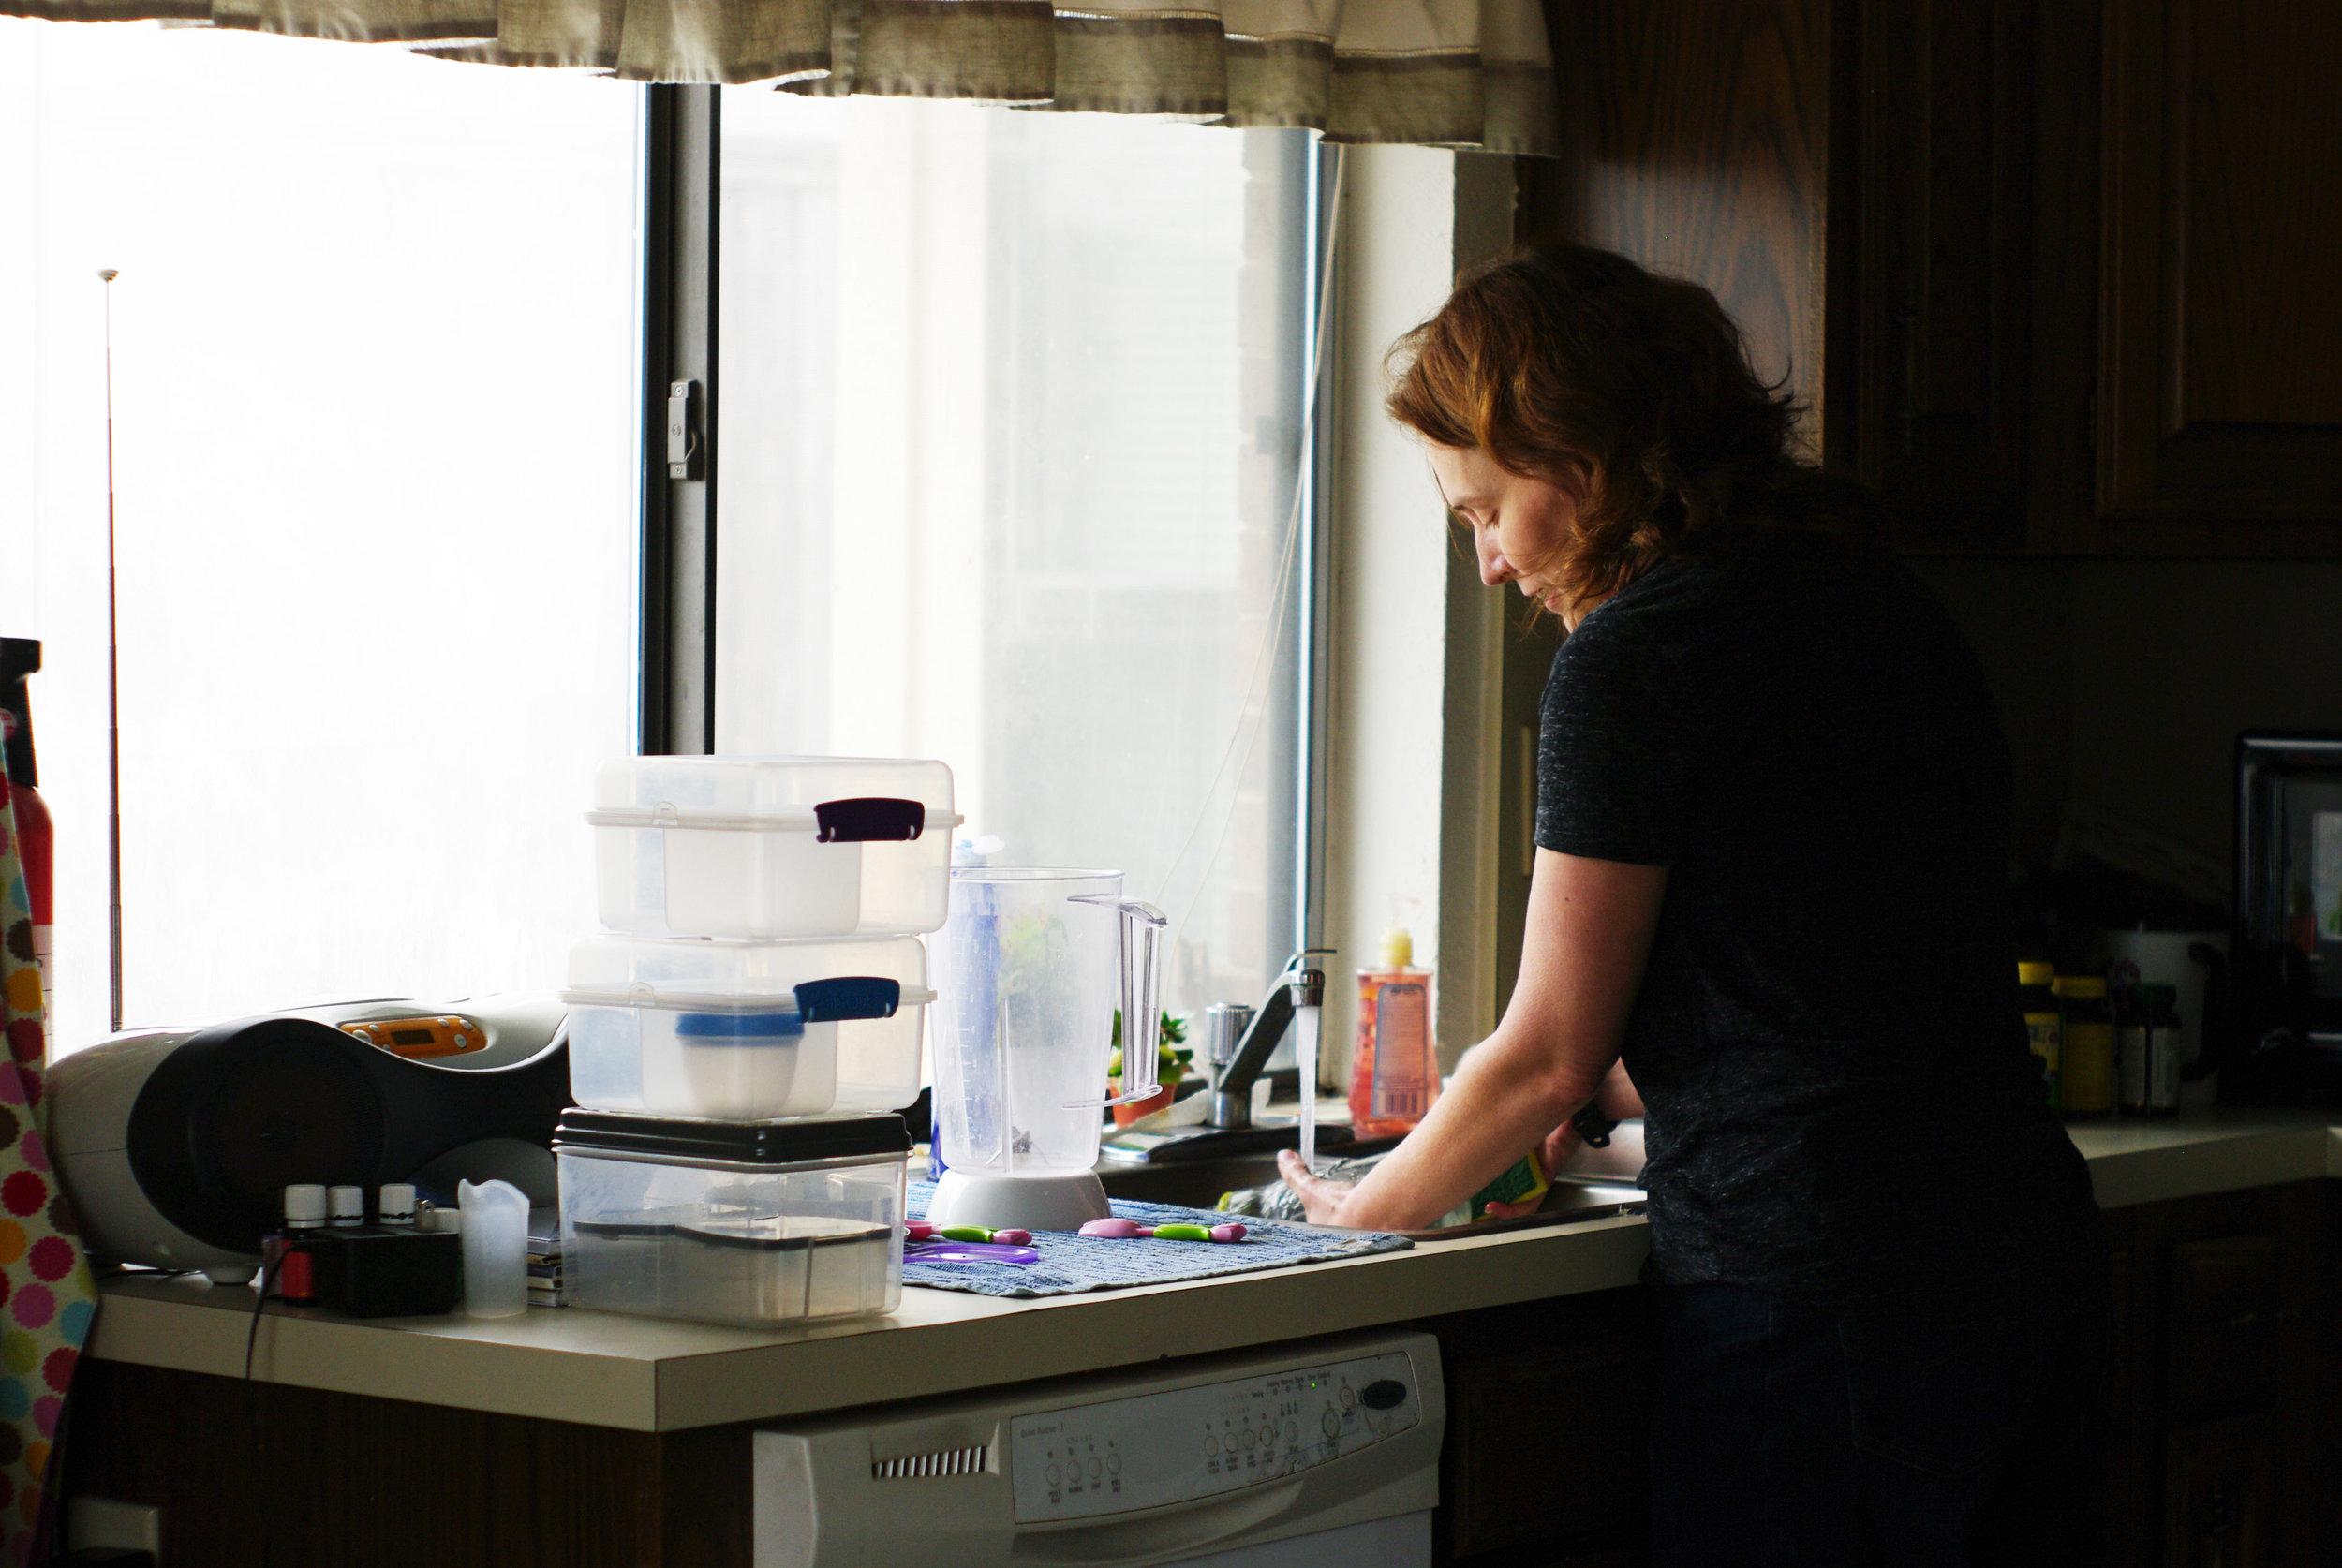 The artist at dish washing.